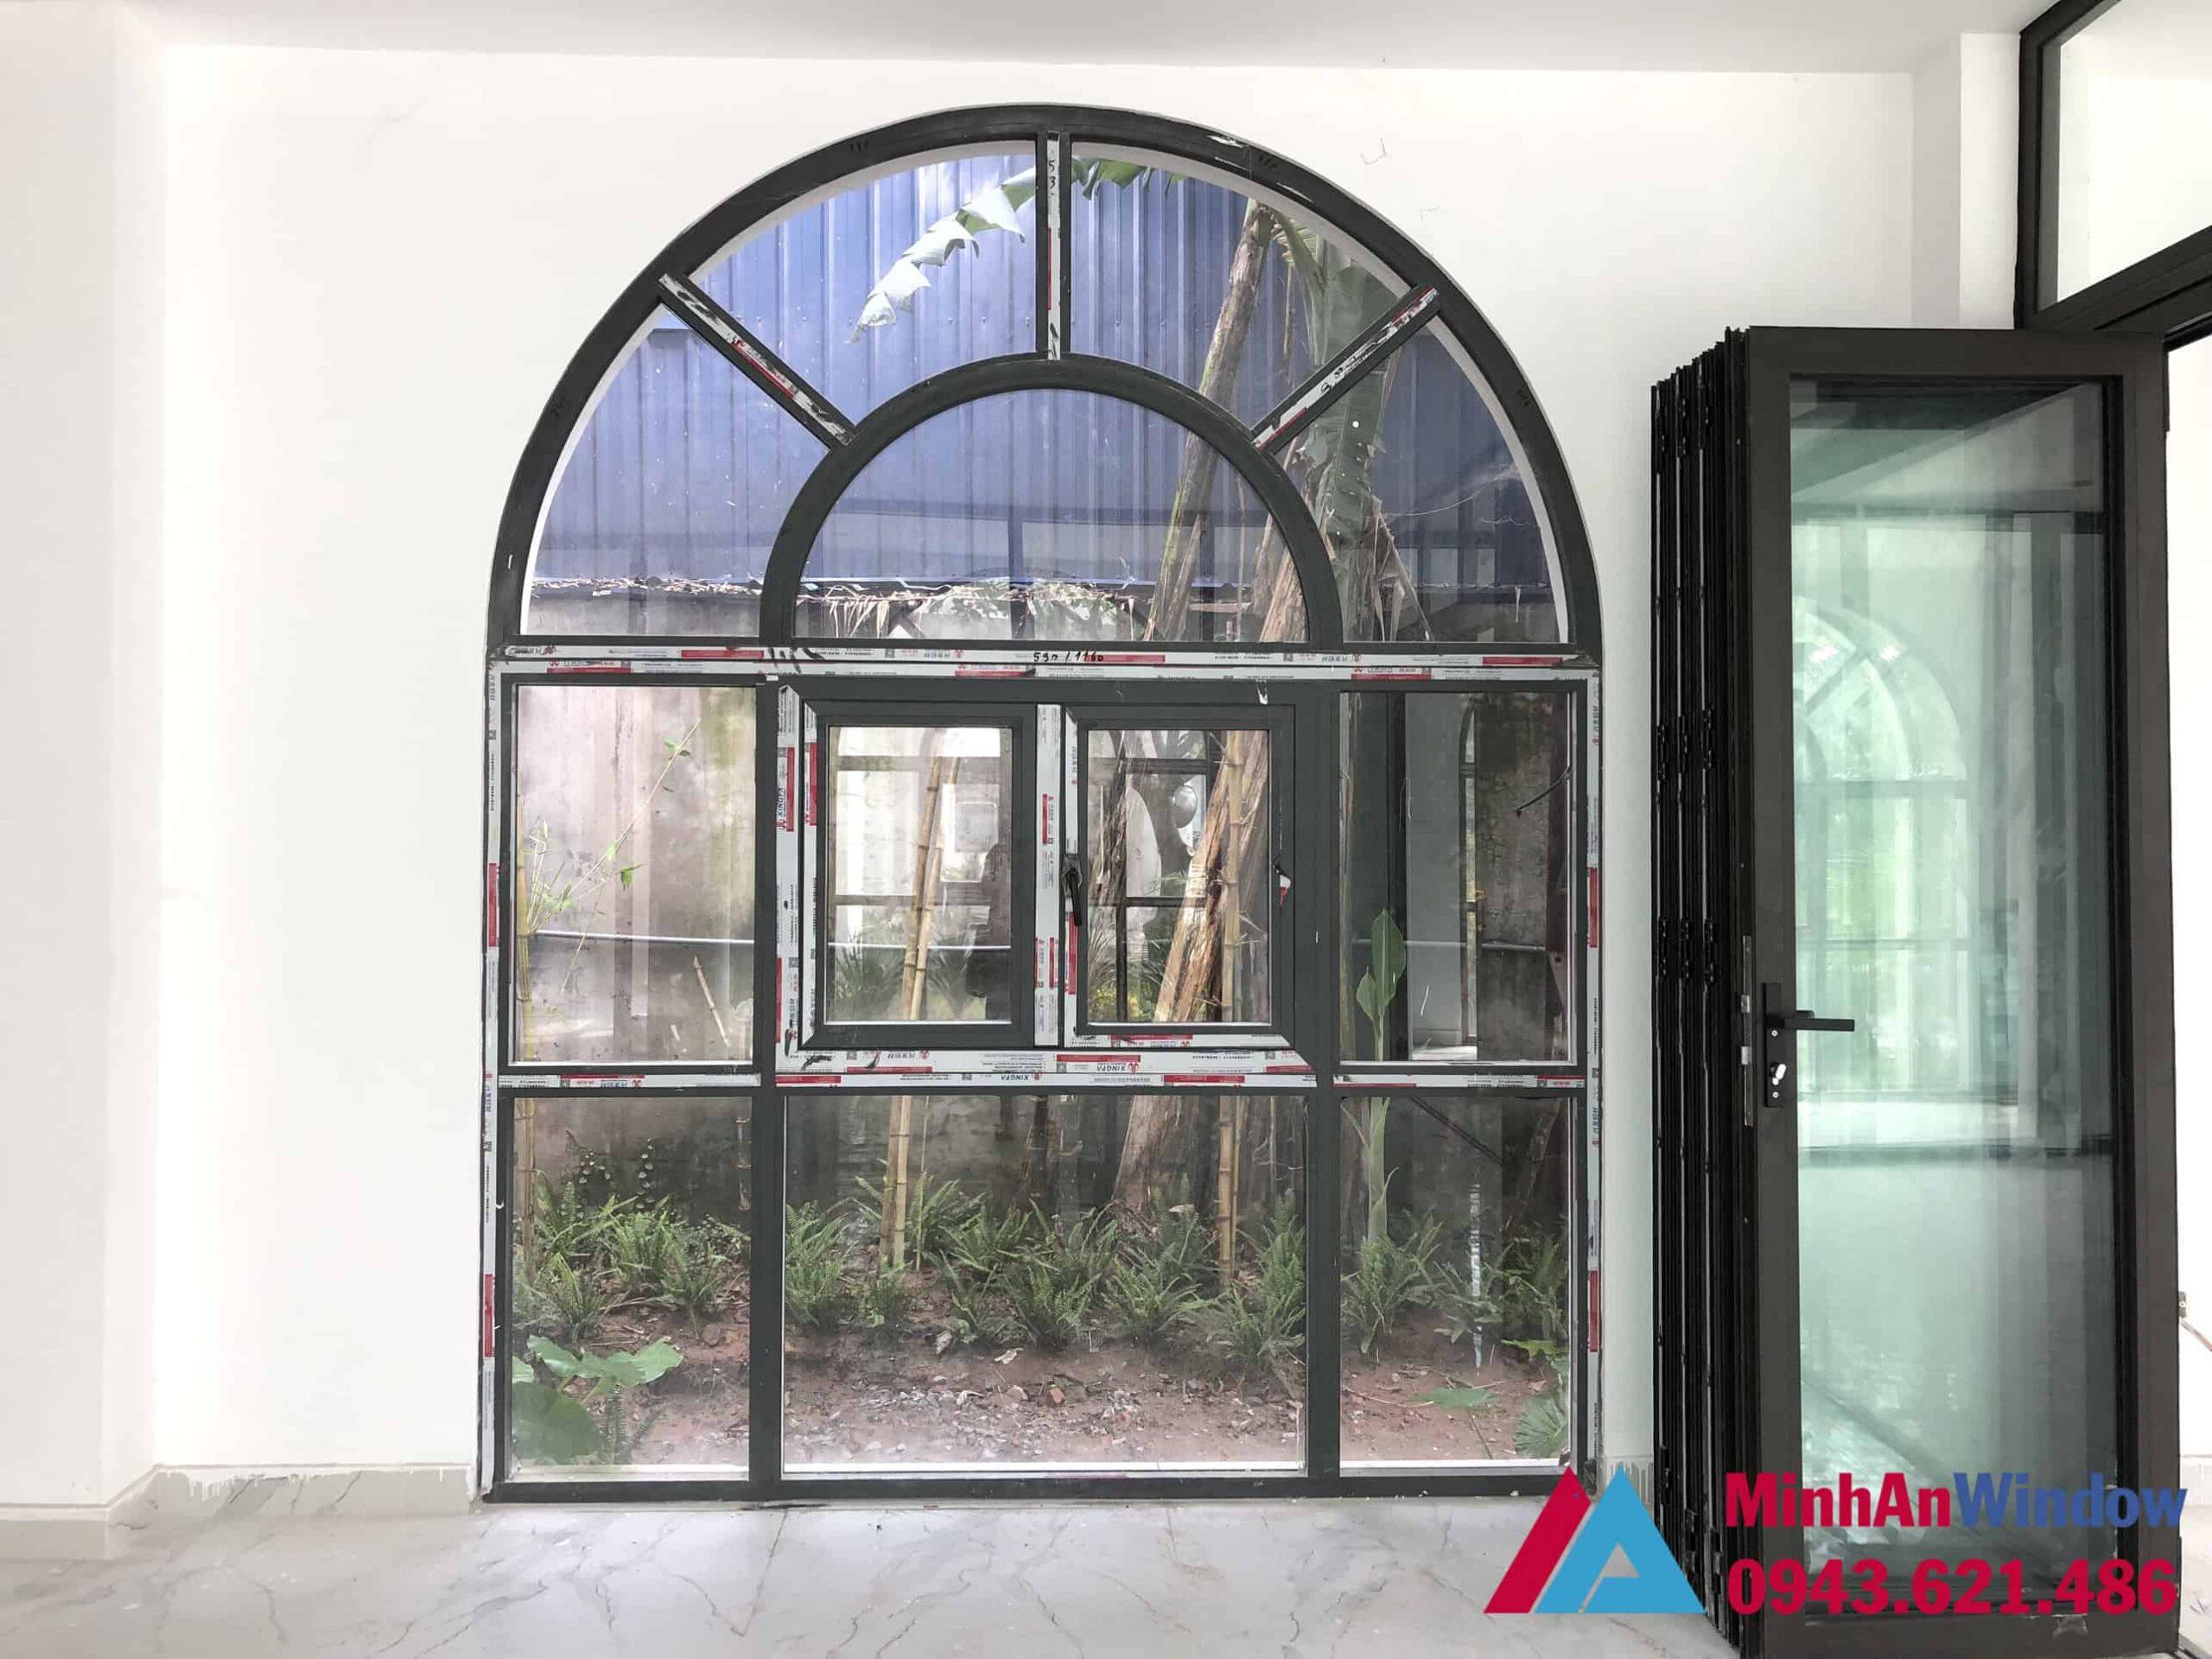 Cửa sổ nhôm kính do Minh An thiết kế và lắp đặt